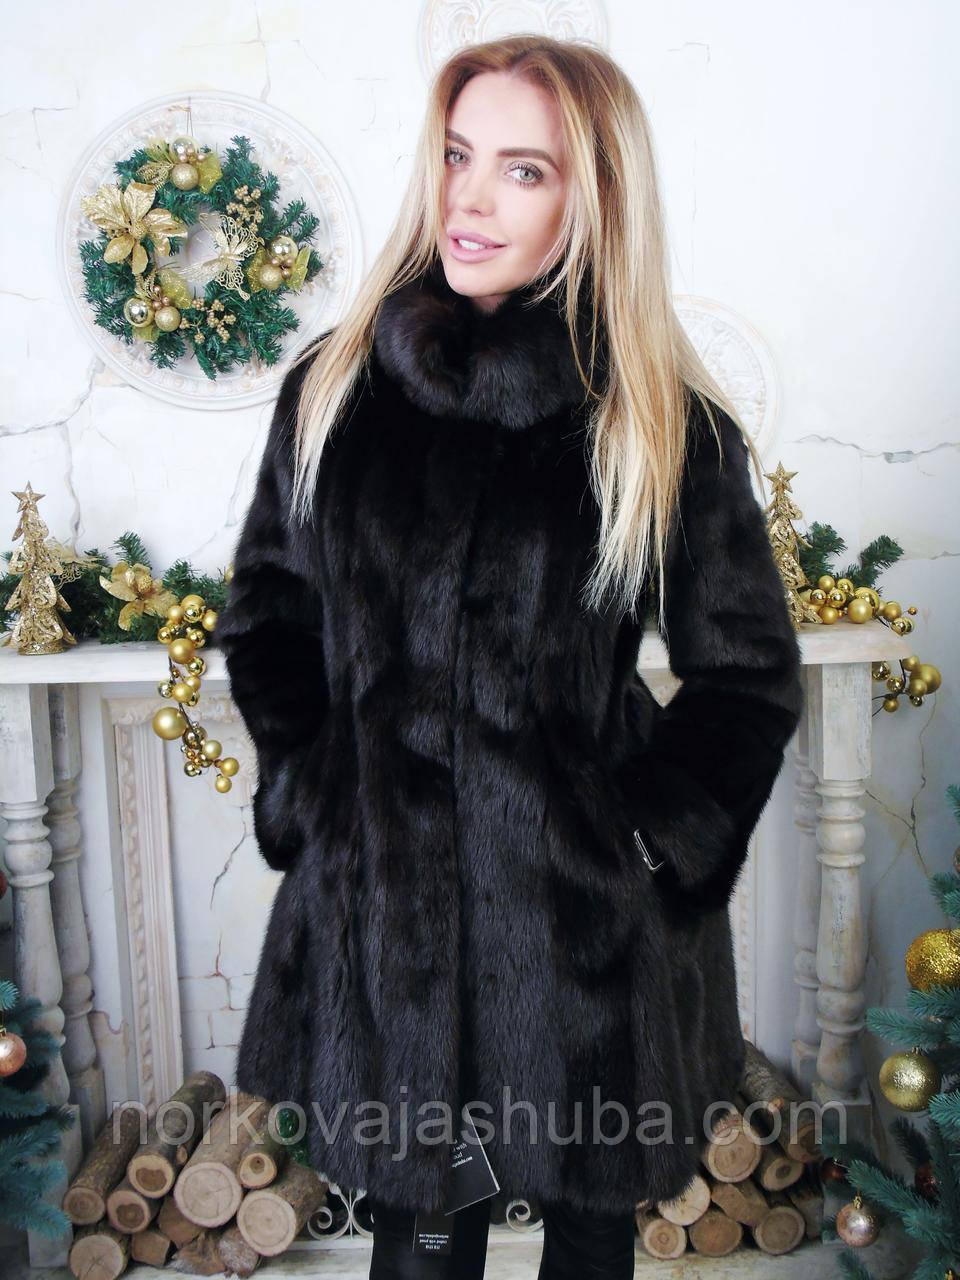 Норковая шуба размер S XS XXS черная норка - Интернет-магазин FUR STAR в  Харькове e027cfe74f1c6